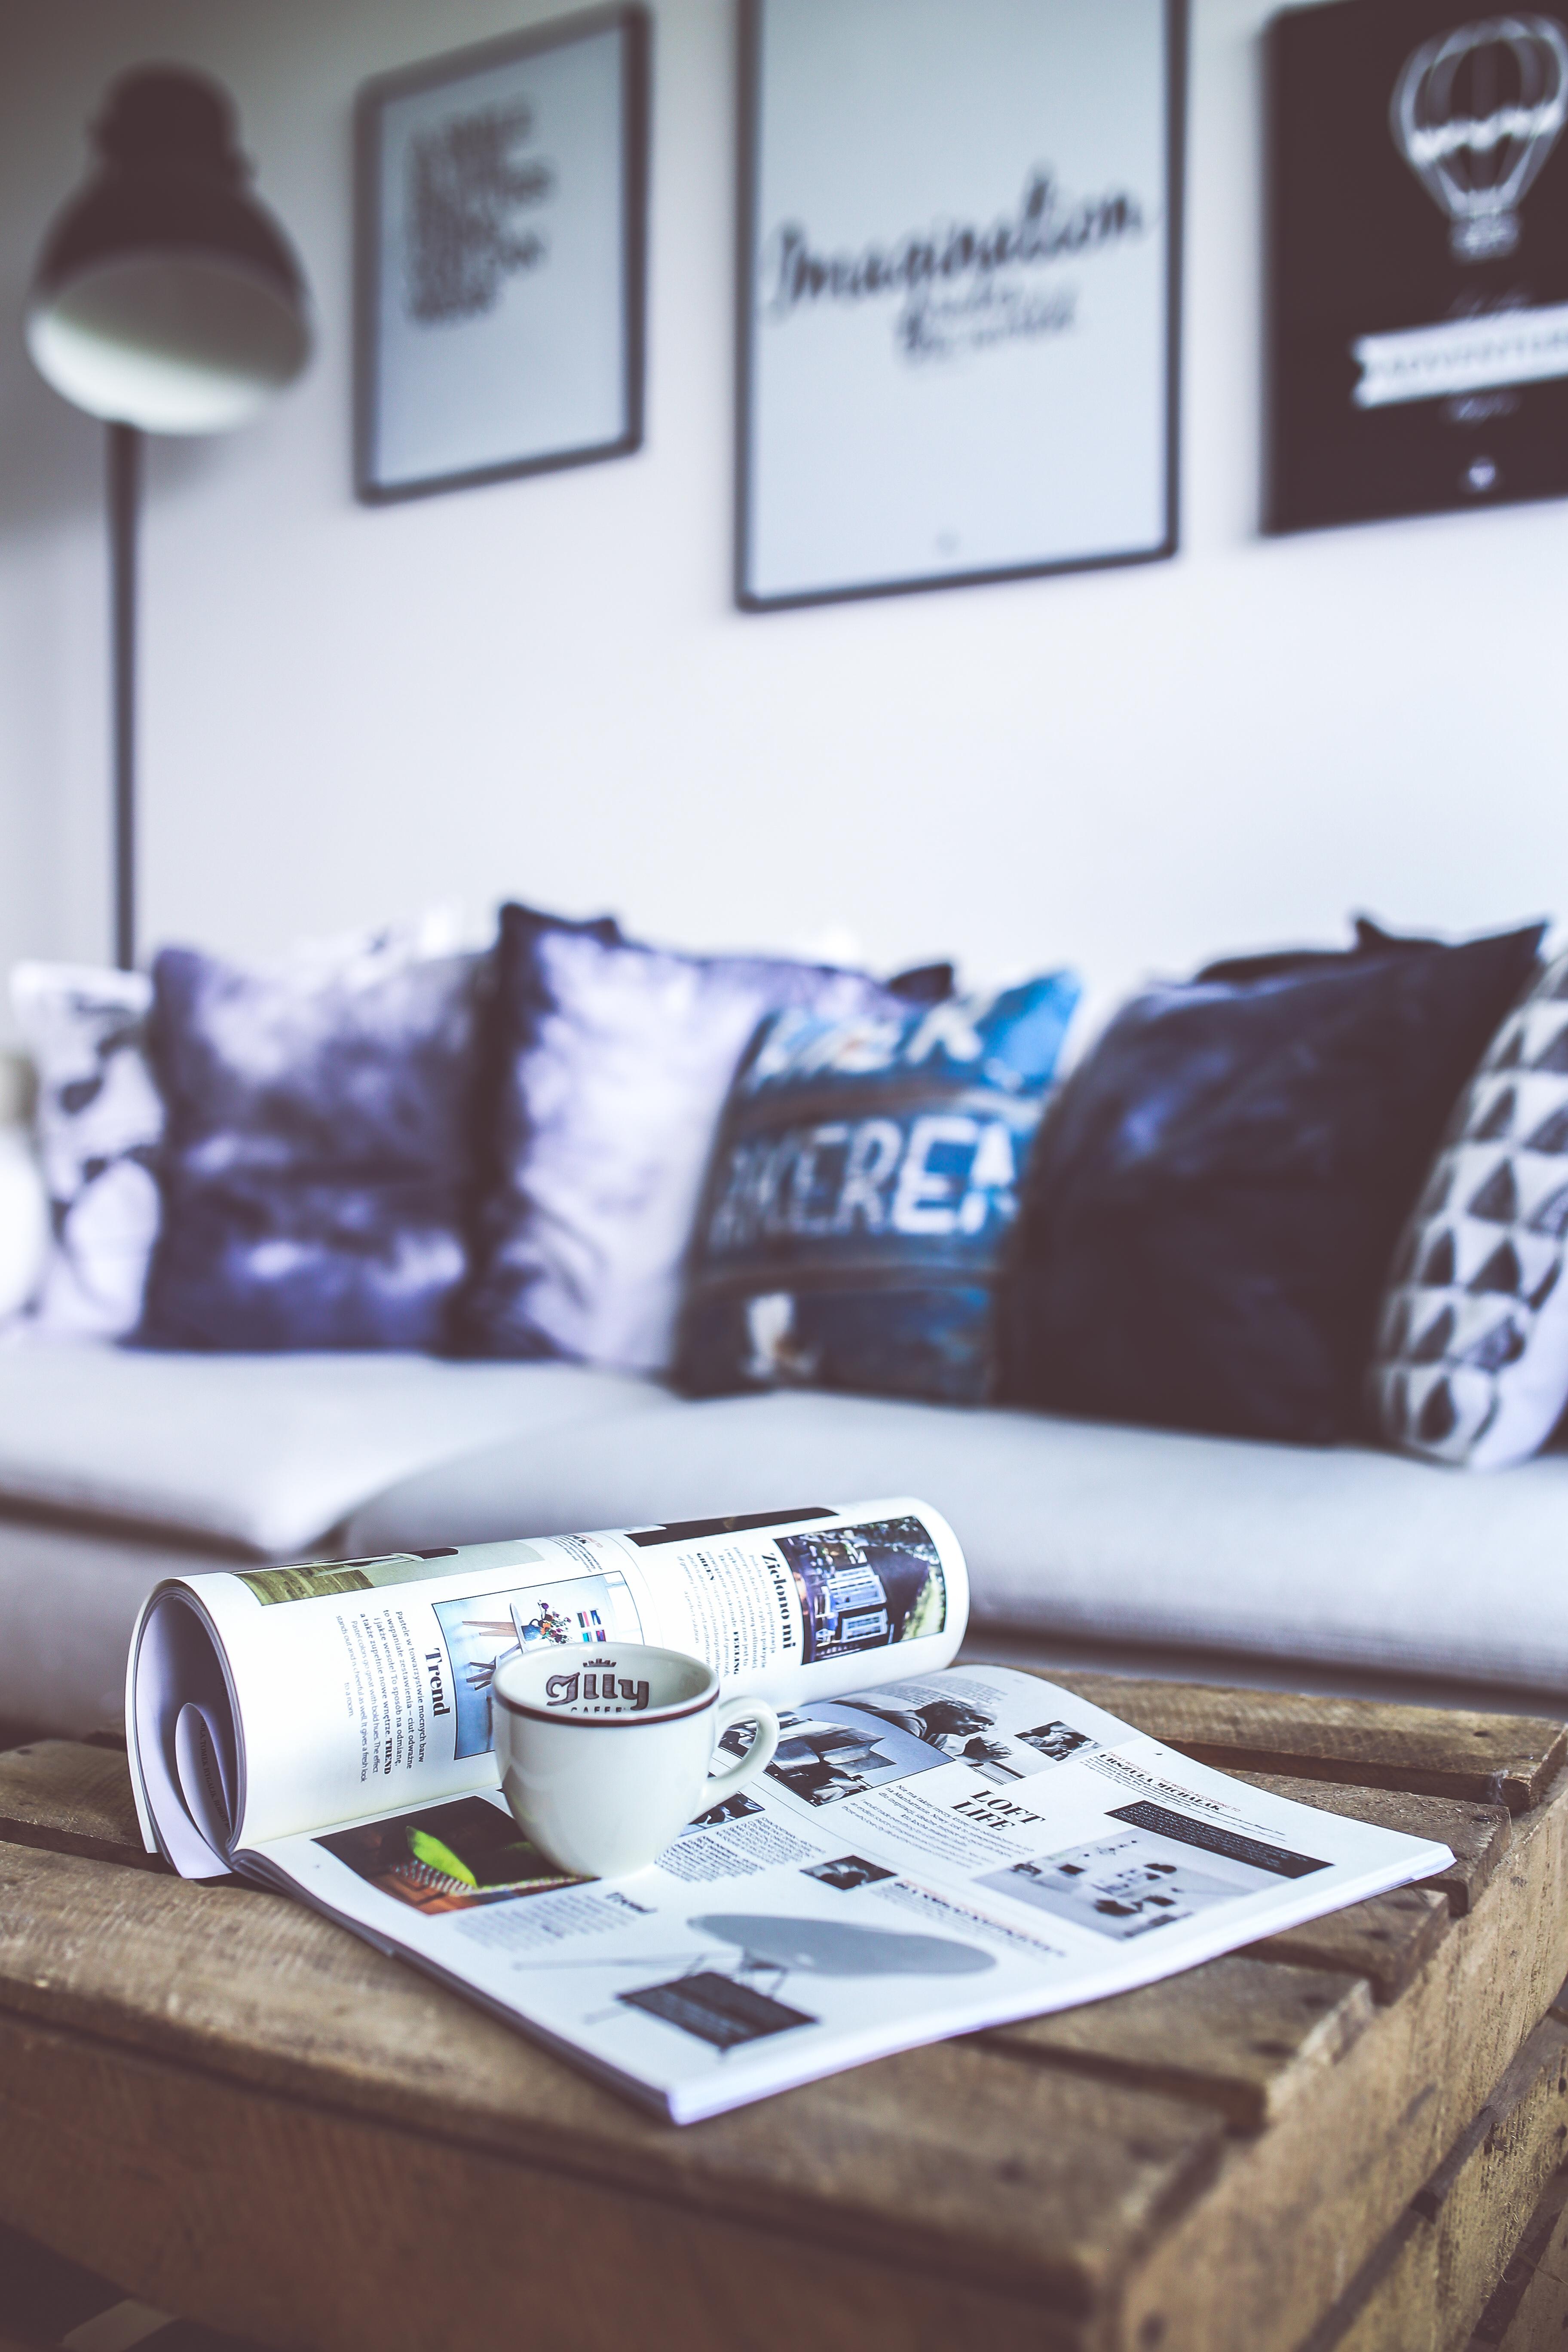 Kostenlose foto : Tabelle, Weiß, Zuhause, Lesen, Zeitschrift, blau ...